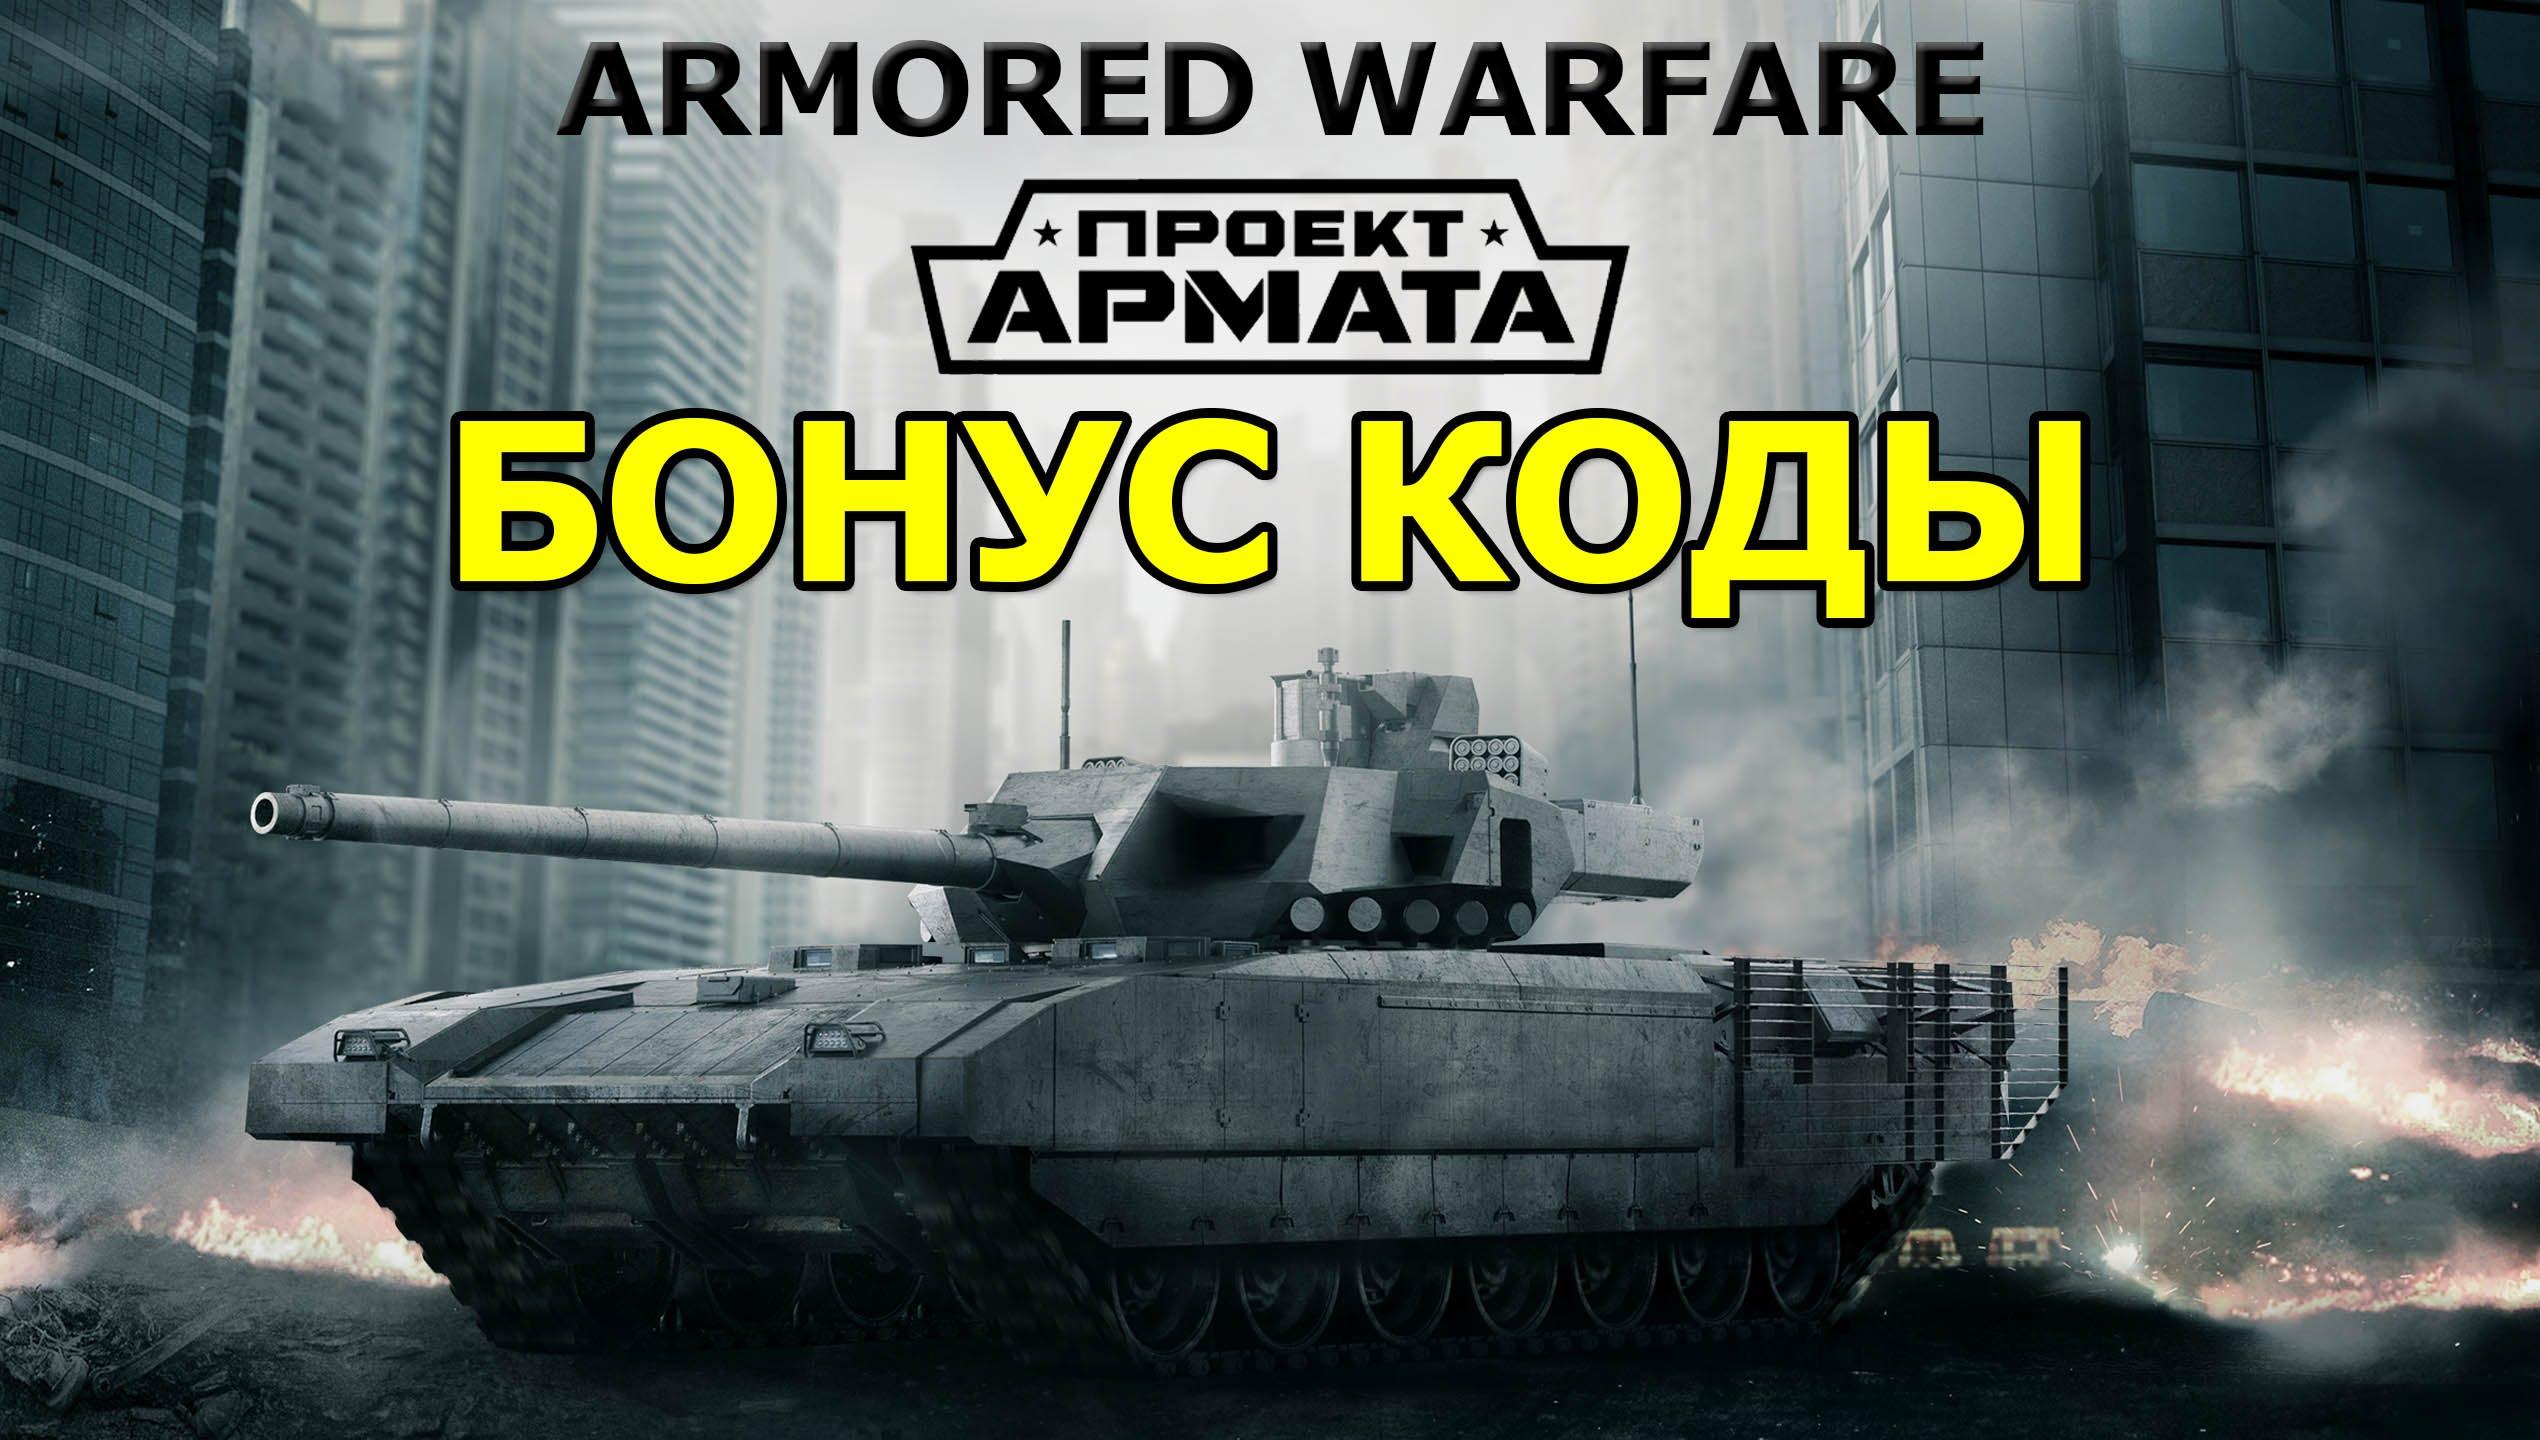 ввести бонус код на armored warfare